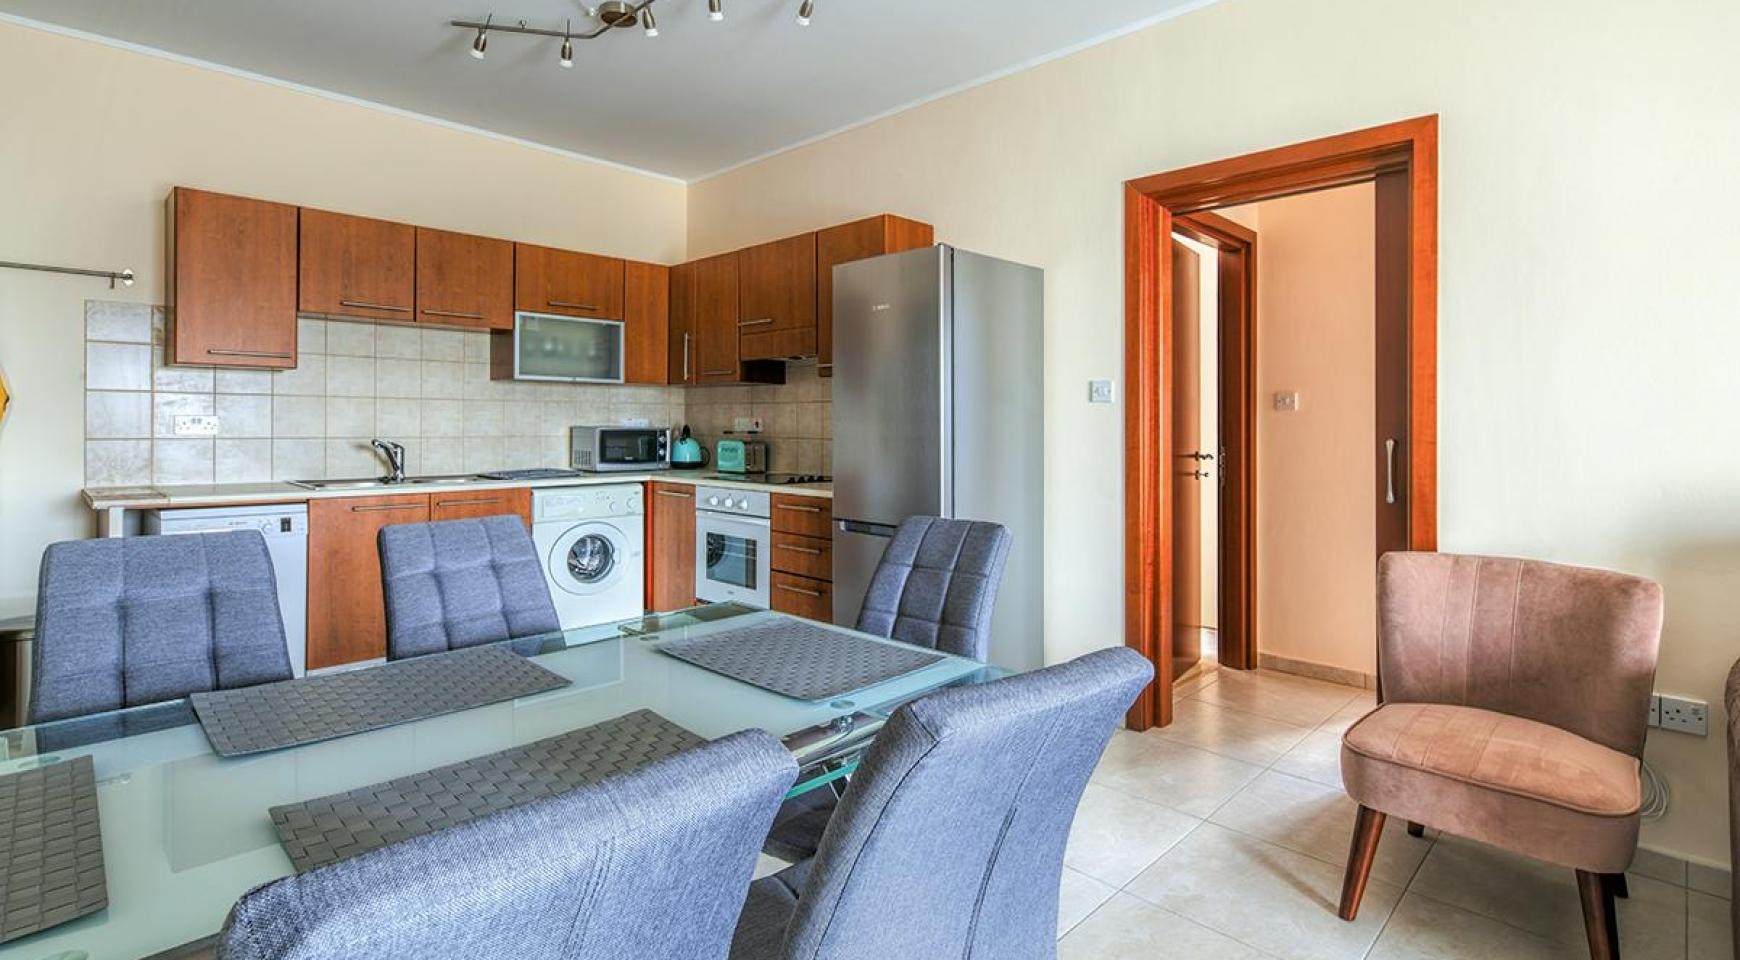 """2-Спальная Квартира - Люкс """"Mesogios Iris 301"""" в Туристической Зоне возле Моря - 2"""